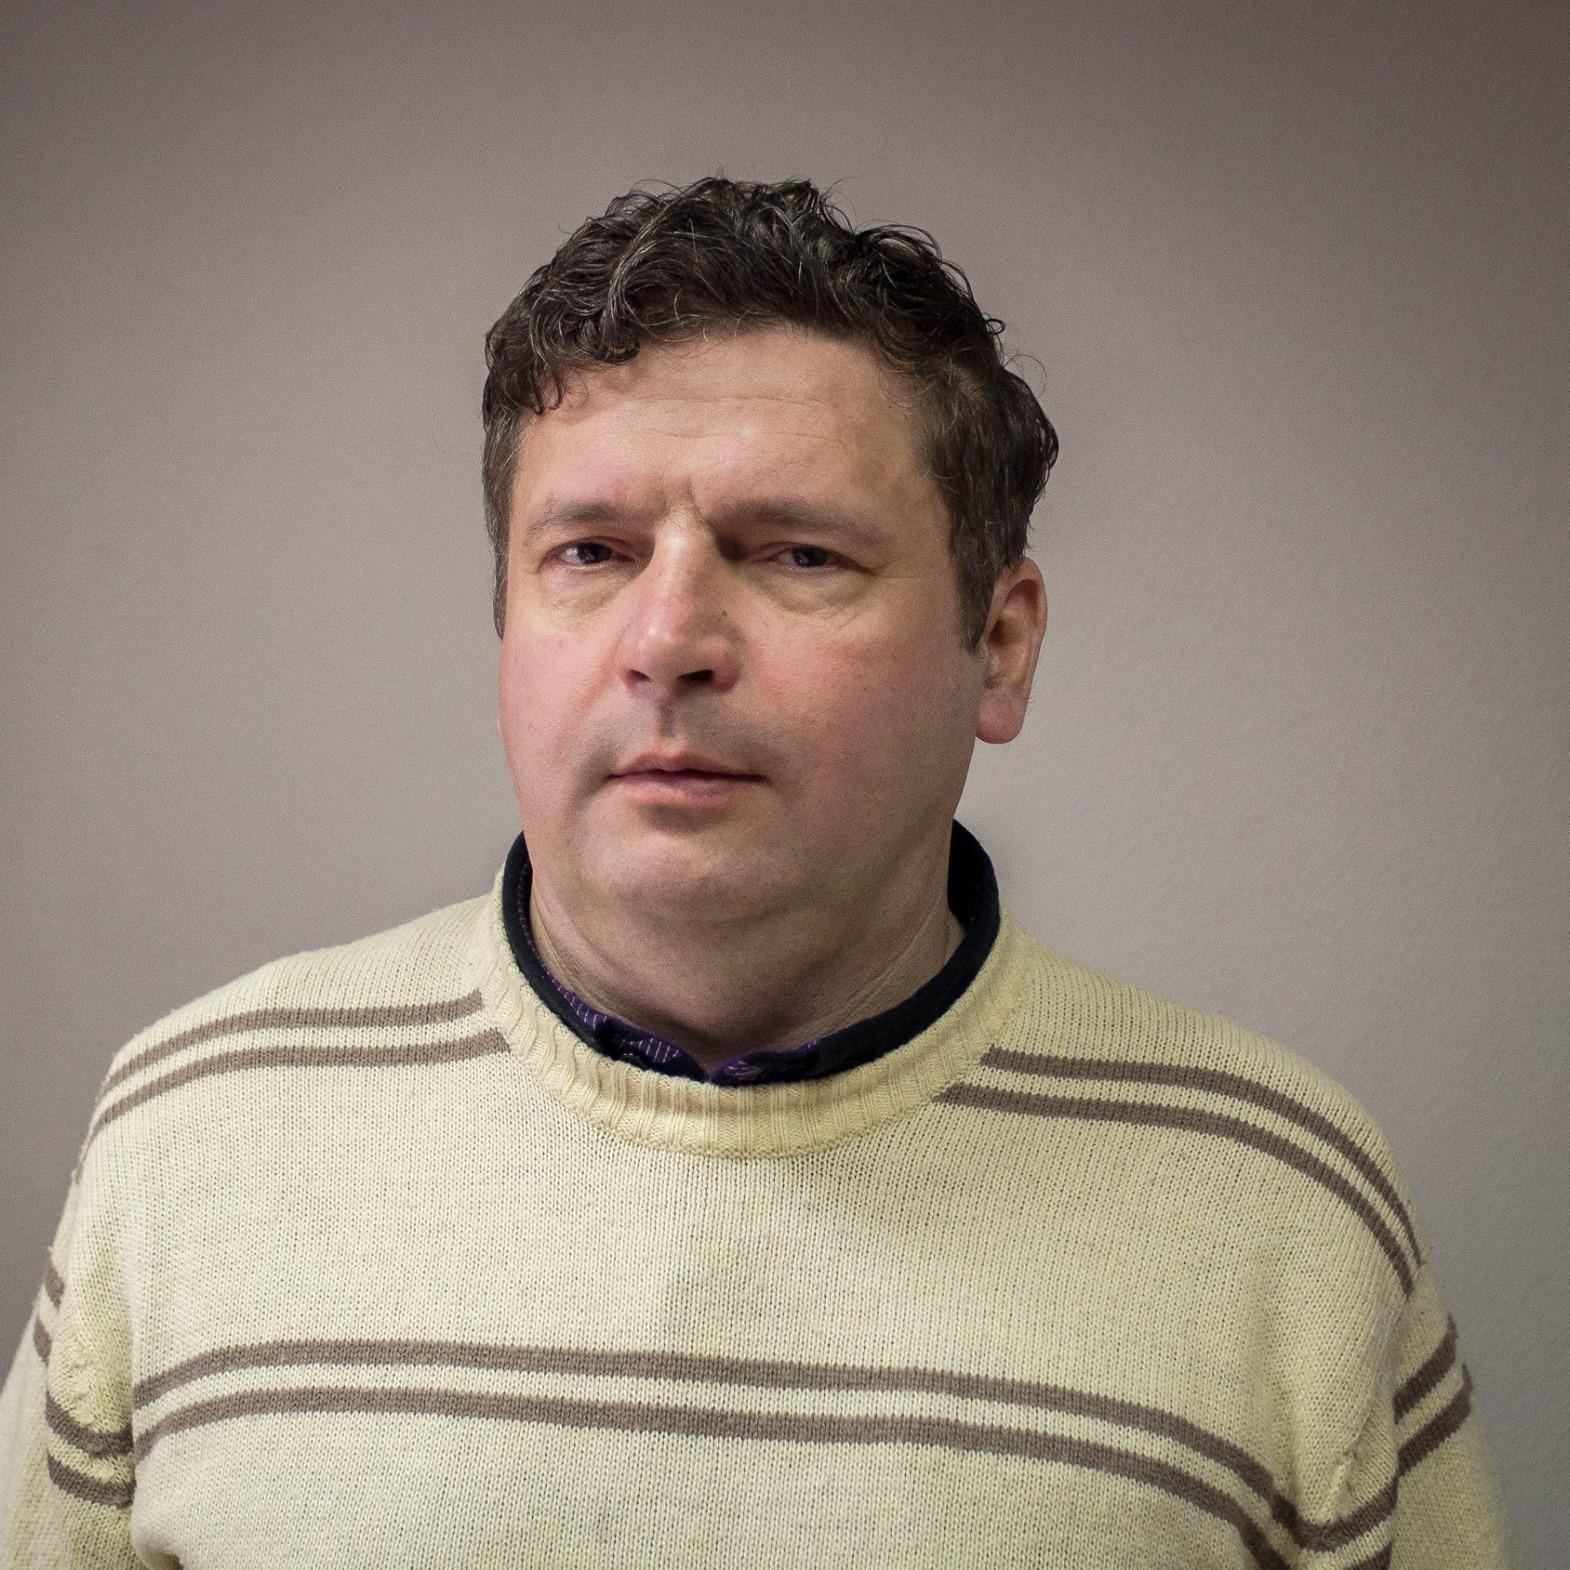 Valery Verkhovsky